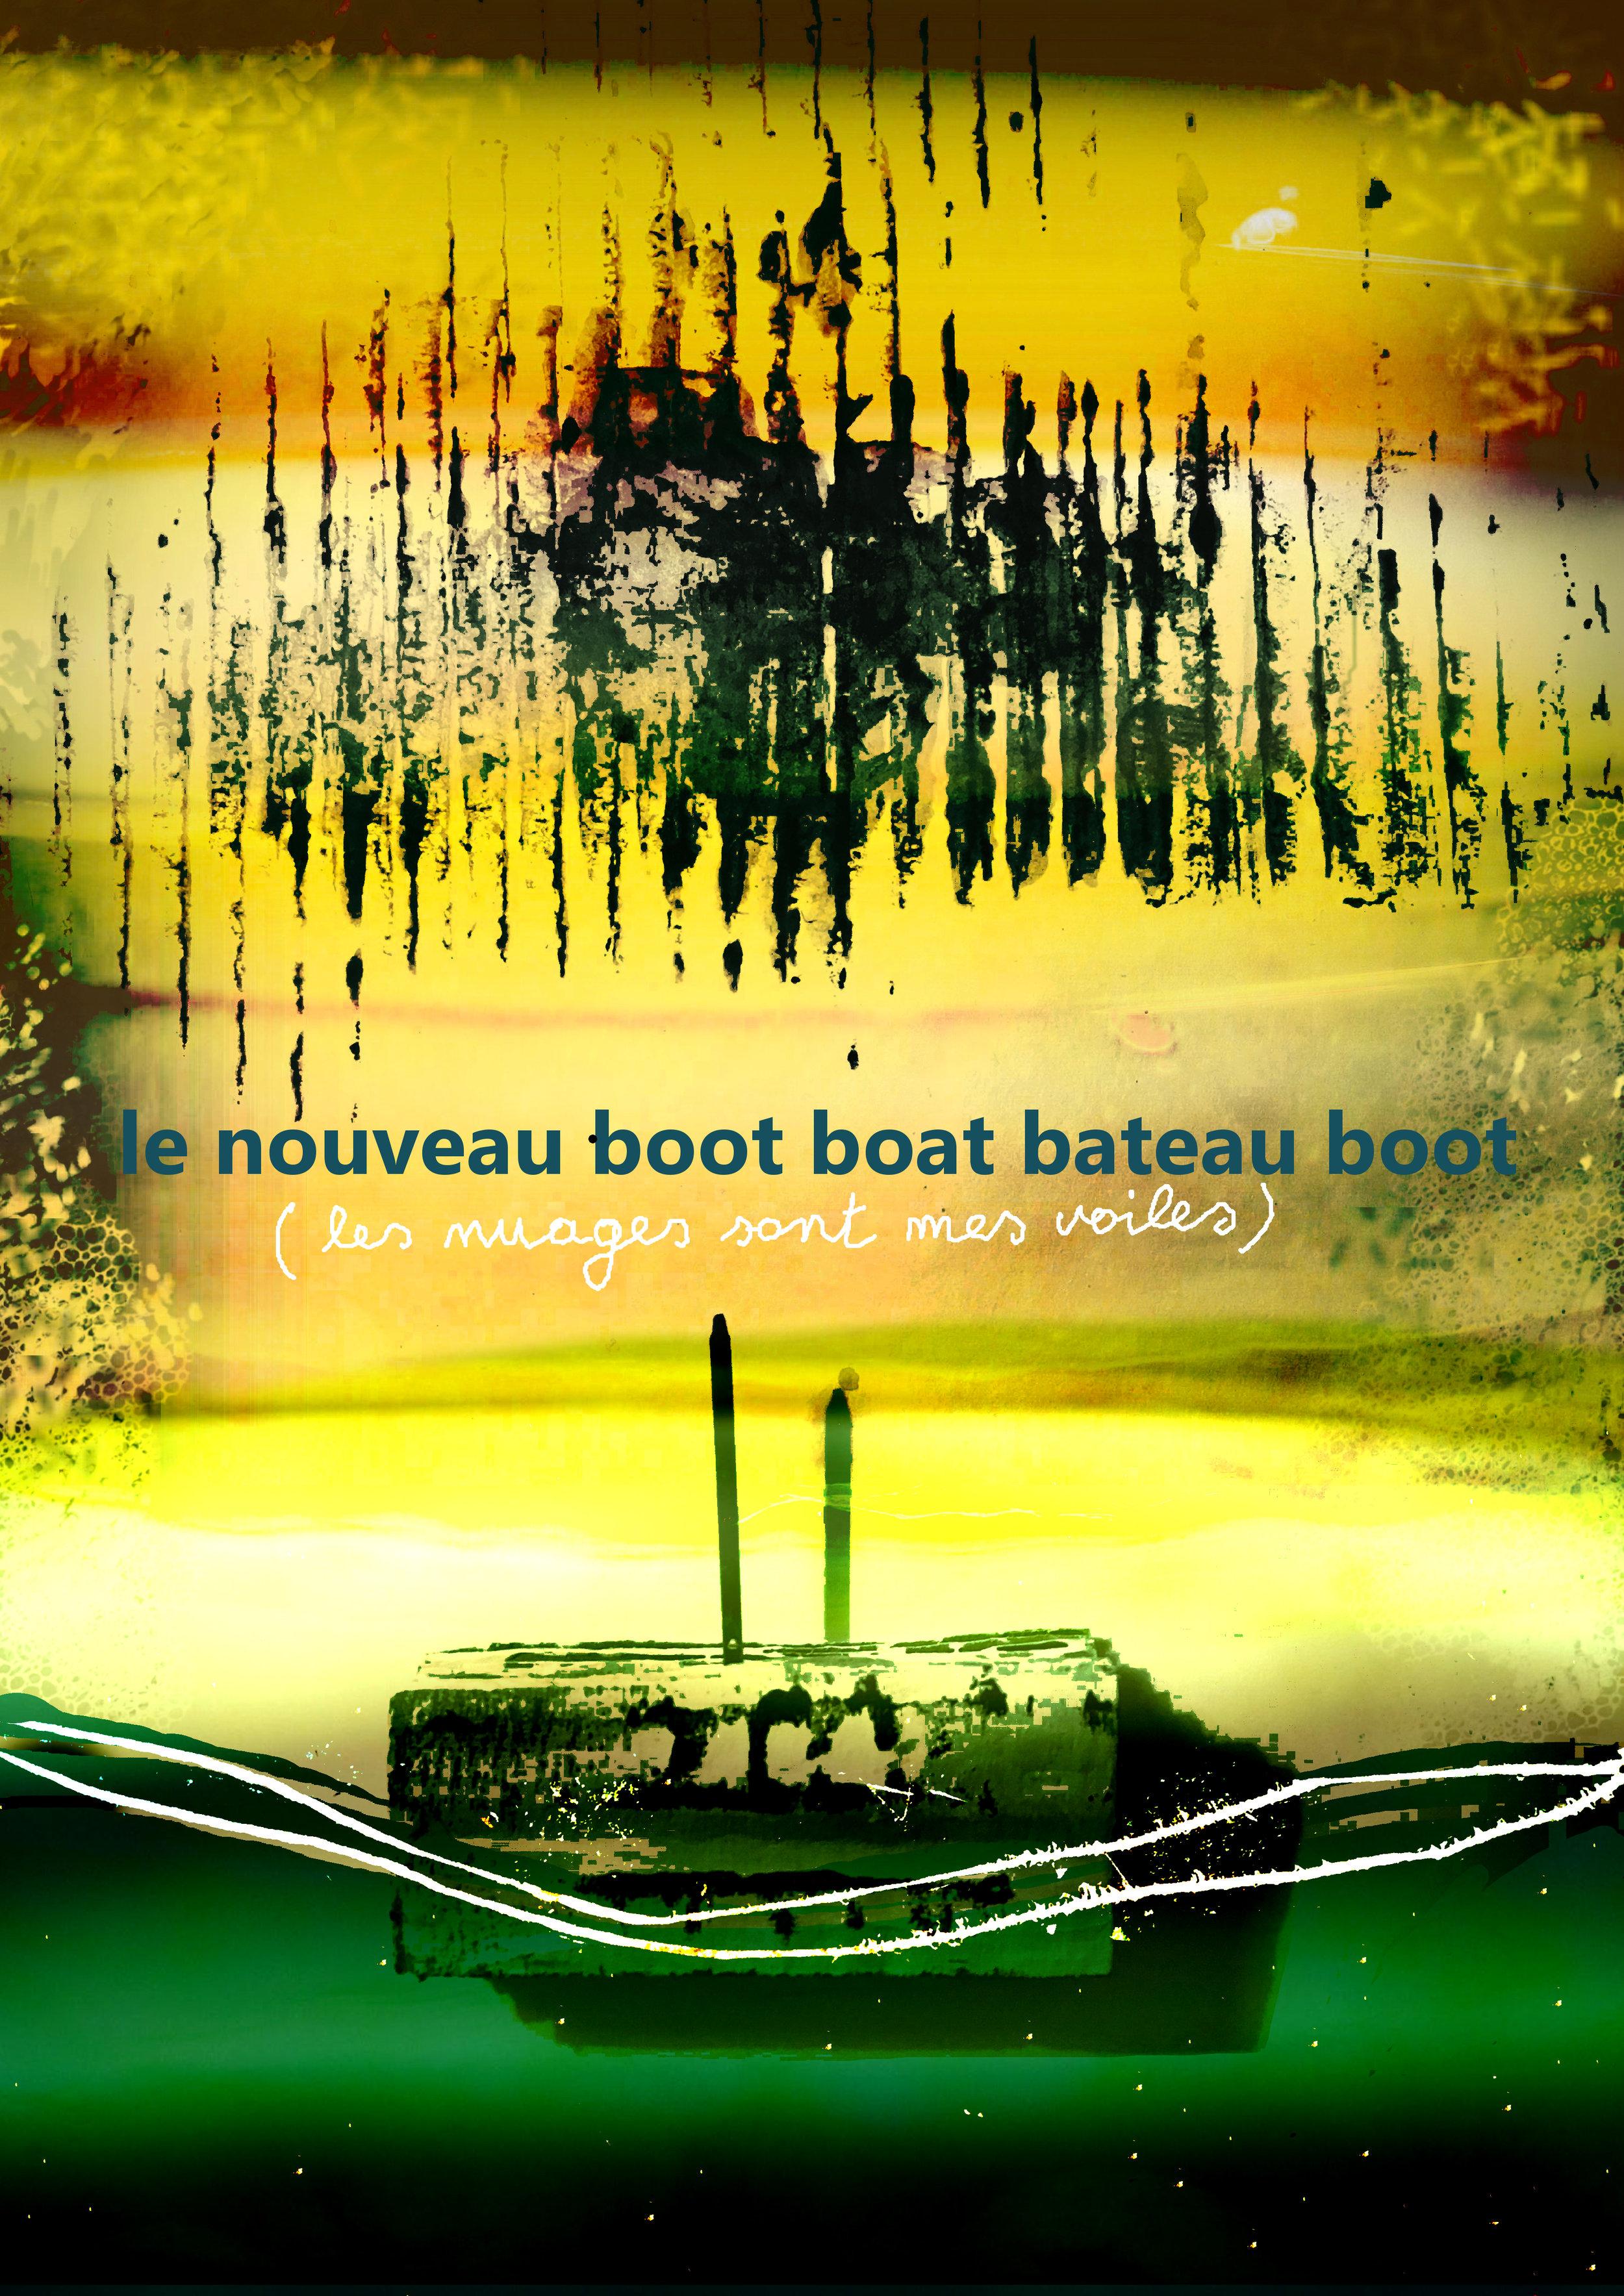 bateau2xcf.jpg